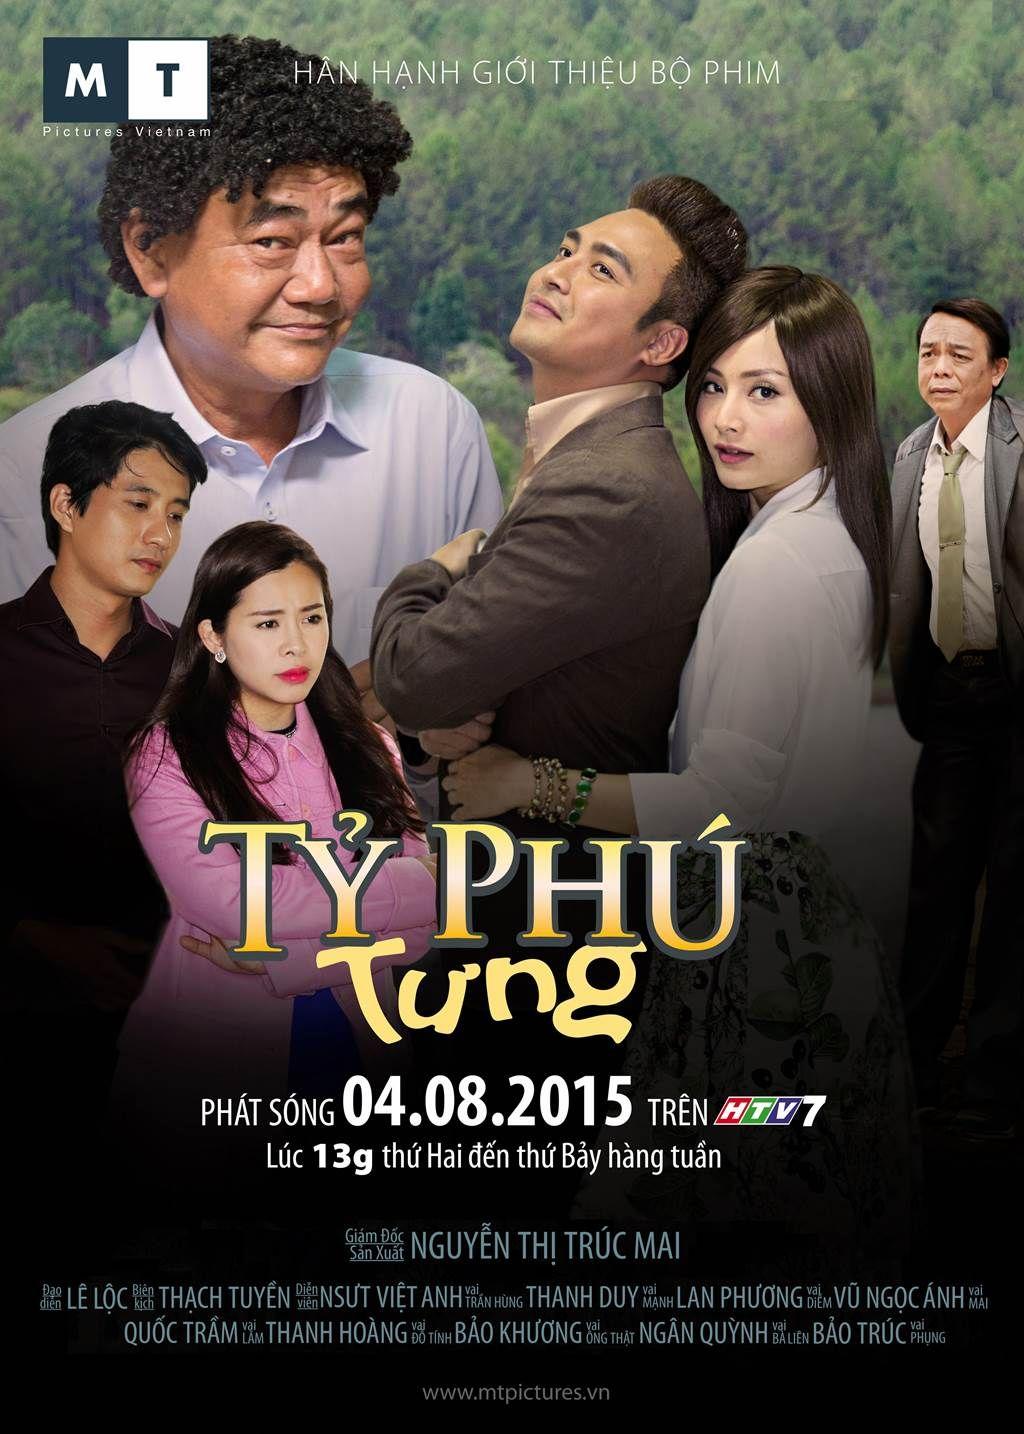 Phim Tỷ Phú Tưng   Htv7